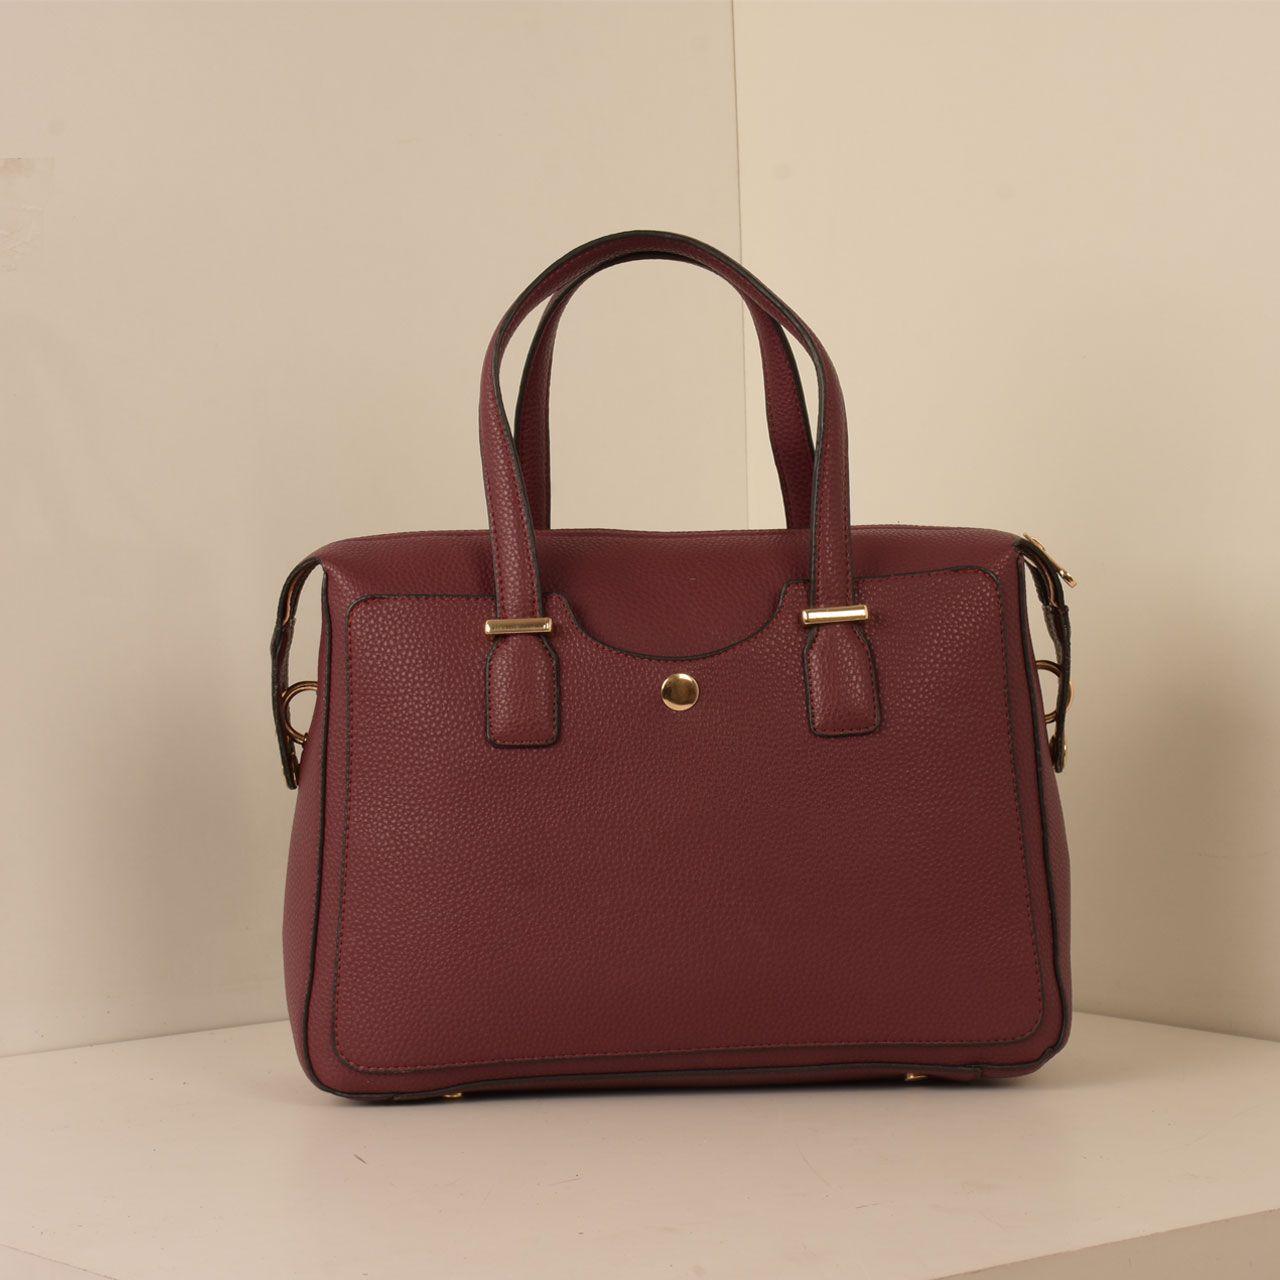 کیف دستی زنانه پارینه چرم کد PLV202-12-1516 -  - 4